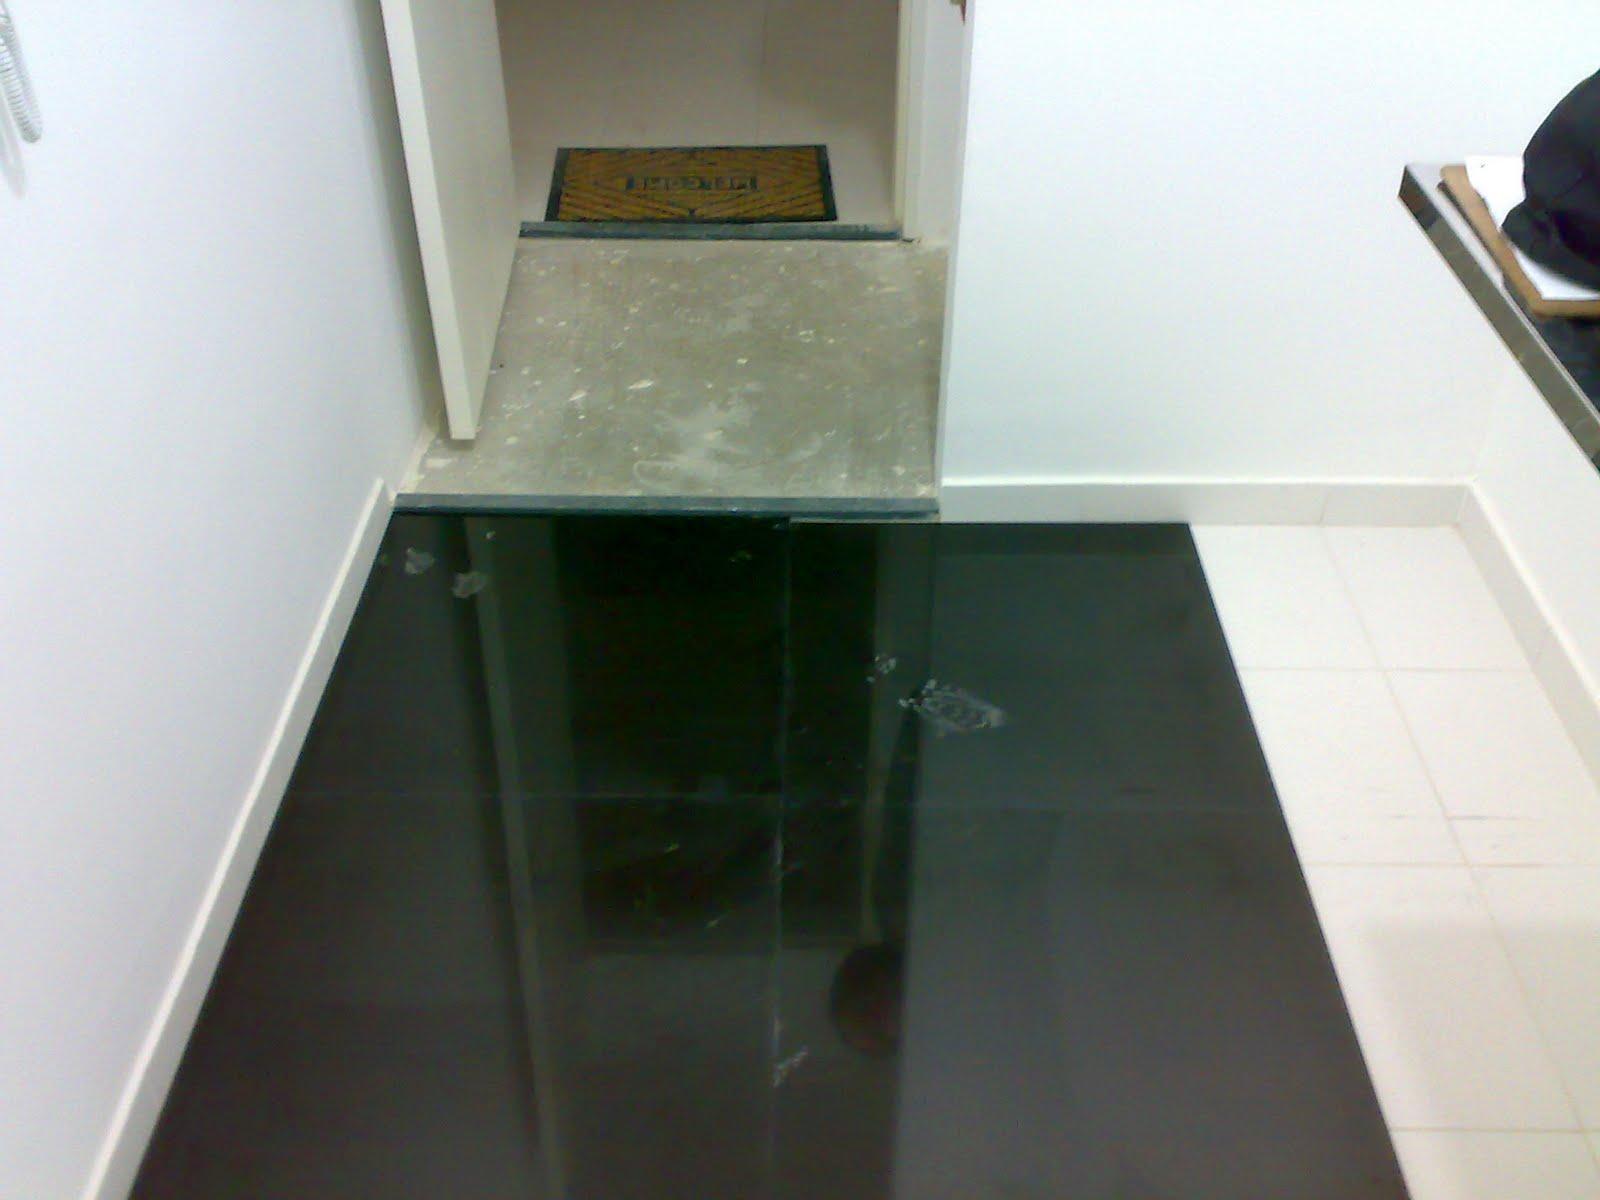 Piso Escuro para Banheiro Azulejo e Revestimento Construdeia #594929 1600x1200 Banheiro Com Granito No Piso